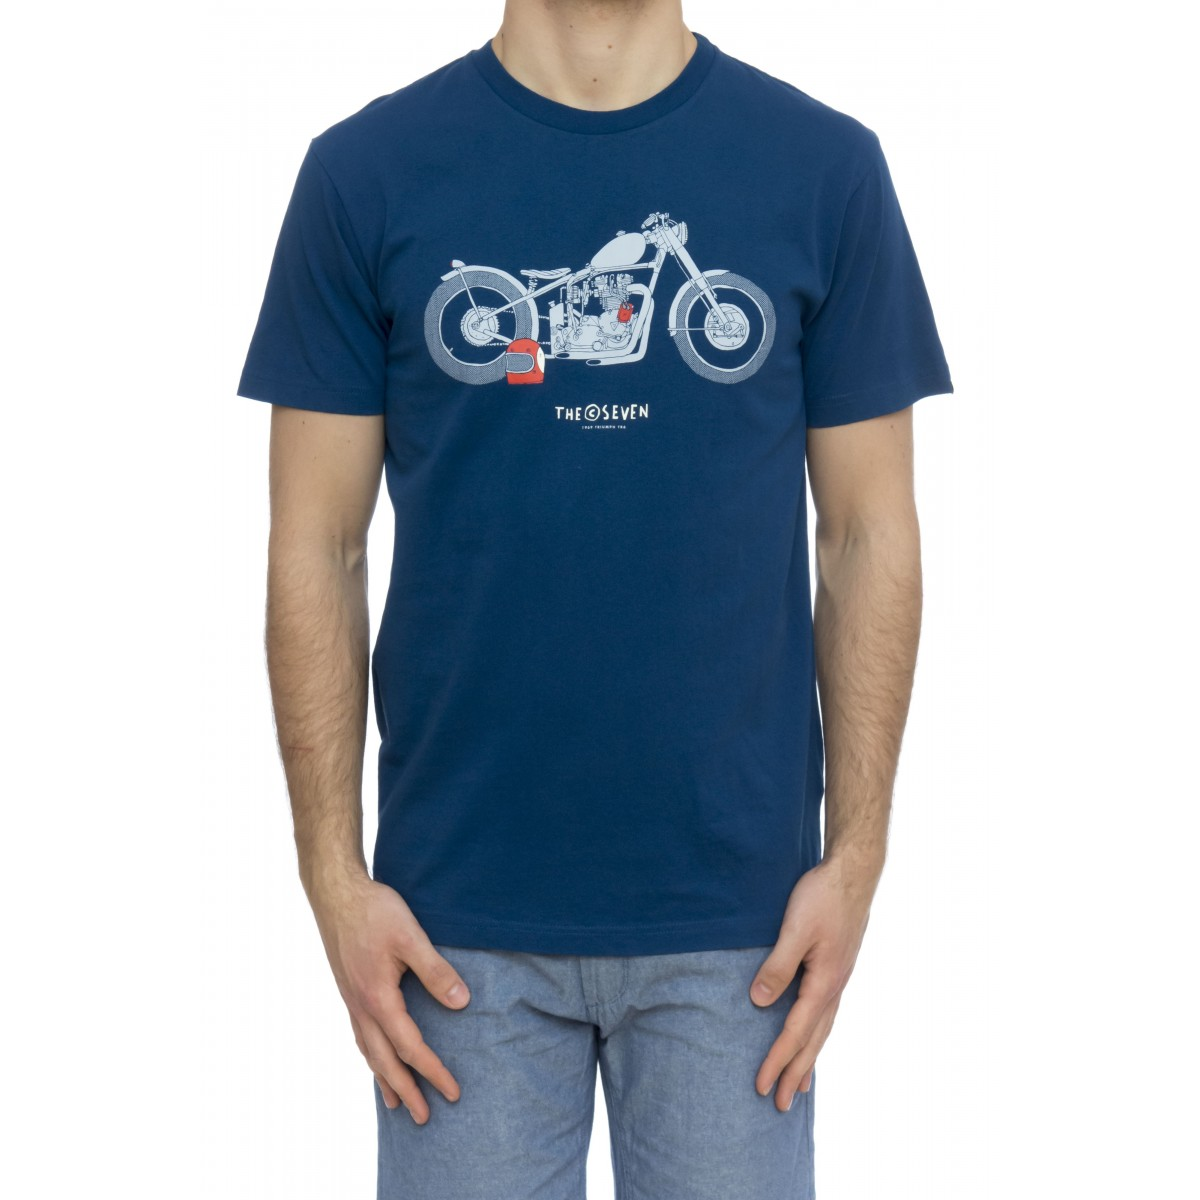 T-shirt - Tee151 moto